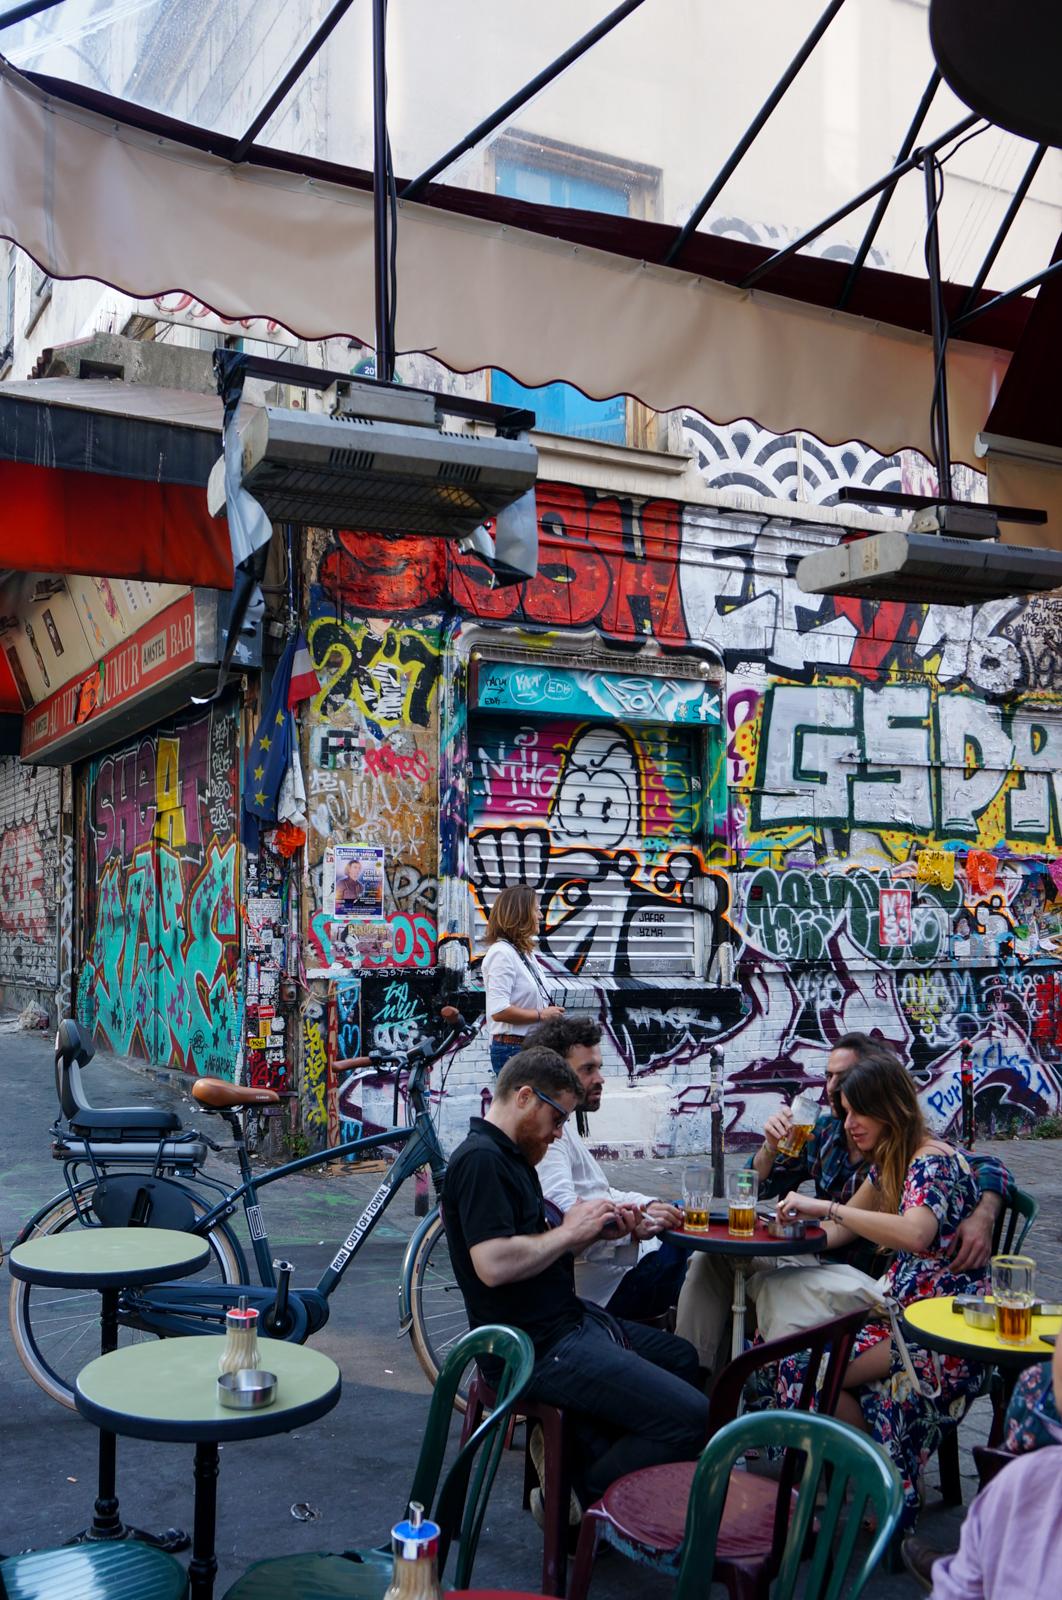 belleville quartier en bouteille, belleville, rue dénoyez, urban art paris, graffitti paris, paris authentique, paris populaire, paris original